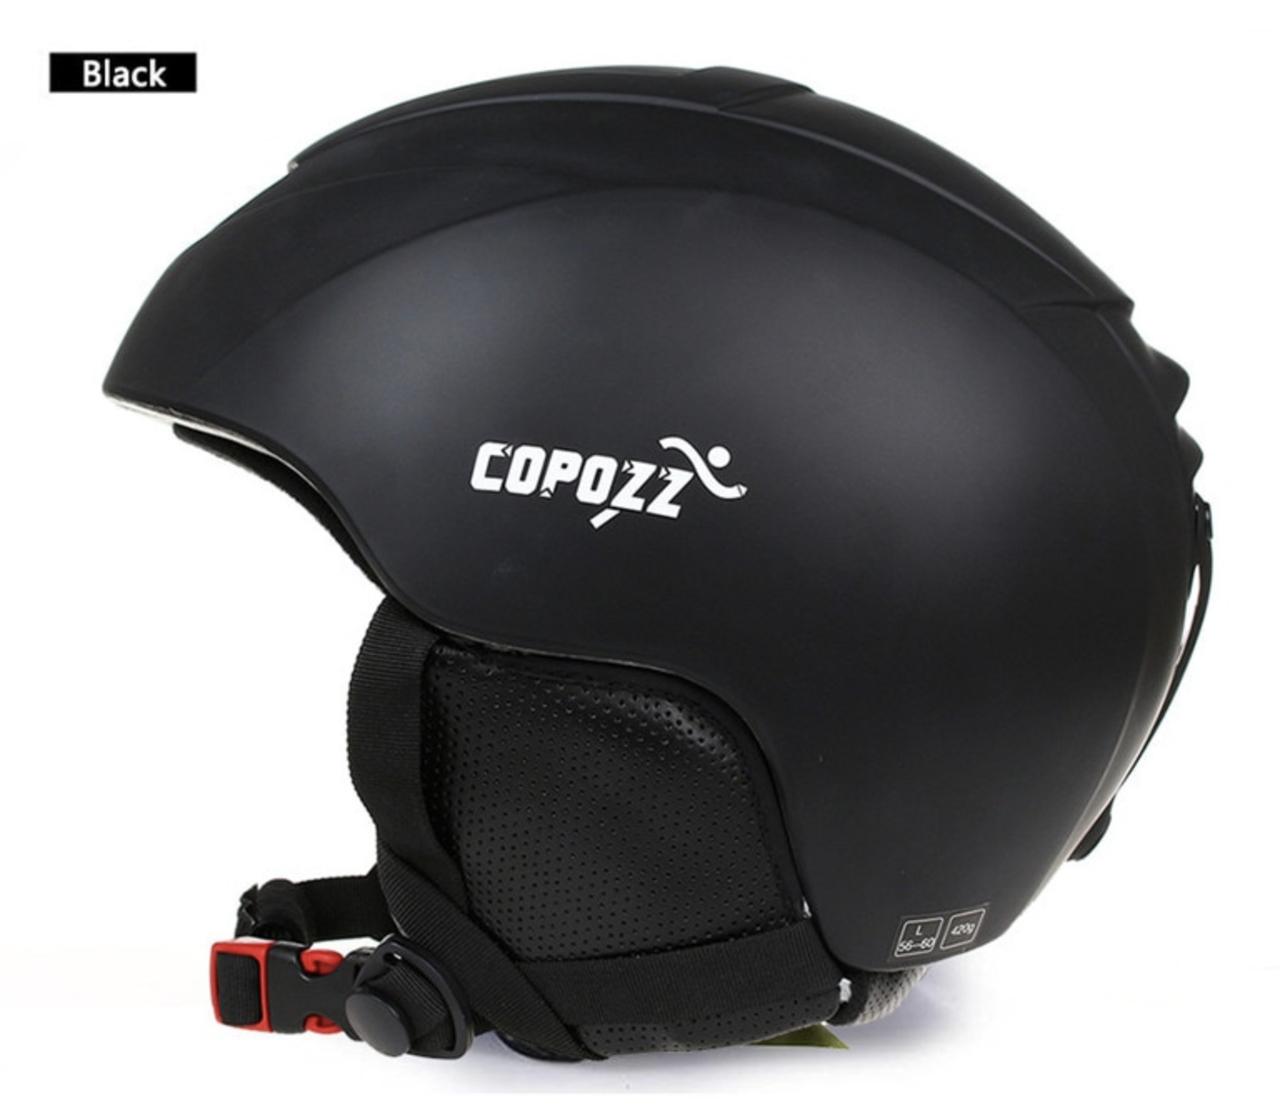 Горнолыжный / сноубордический шлем COPOZZ  (BLACK) (М)